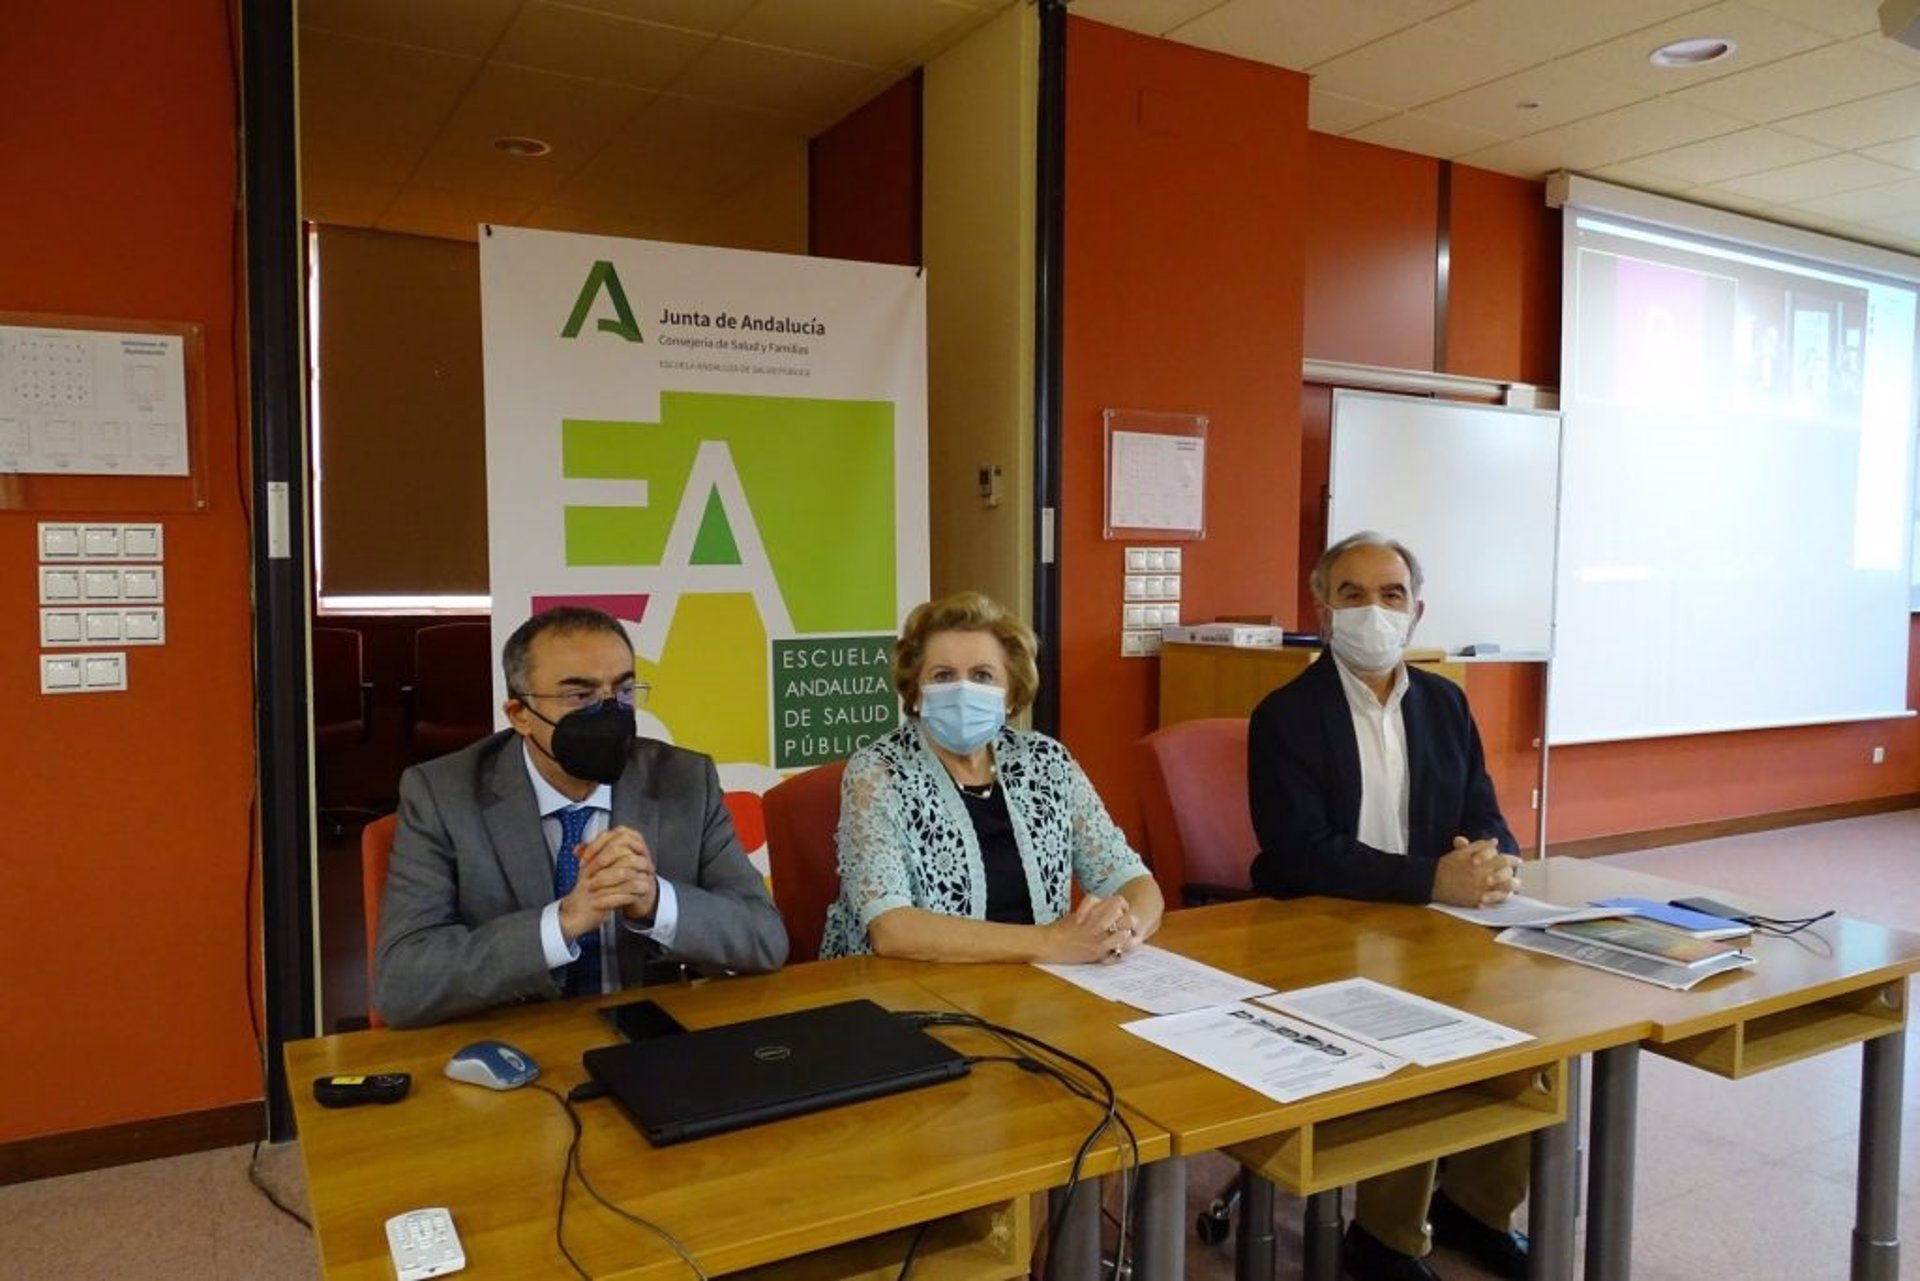 Una treintena de profesionales sanitarios inicia en la EASP su formación en salud pública